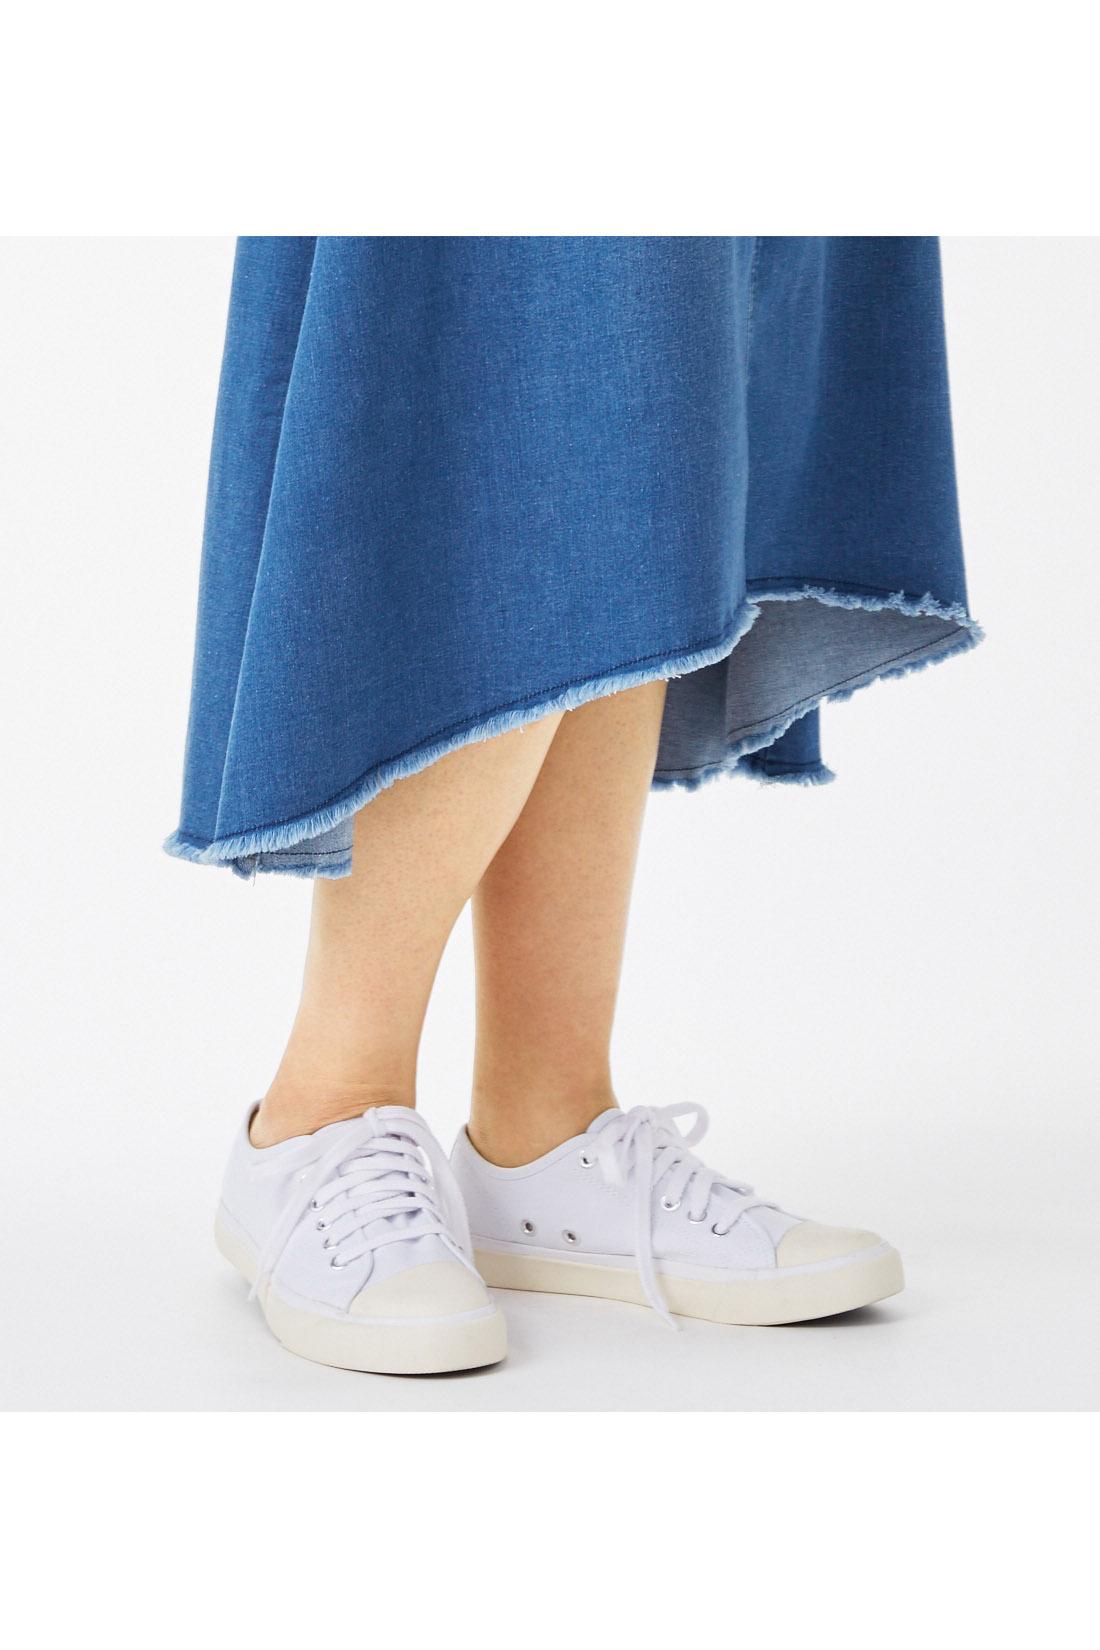 スニーカーにも合うミディー丈フィッシュテール 脚を細く長く見せてくれる今季人気のフィッシュテールはひざ下のミディー丈で大人の女性らしさを強調。カジュアルなスニーカースタイルも上品に決まる。